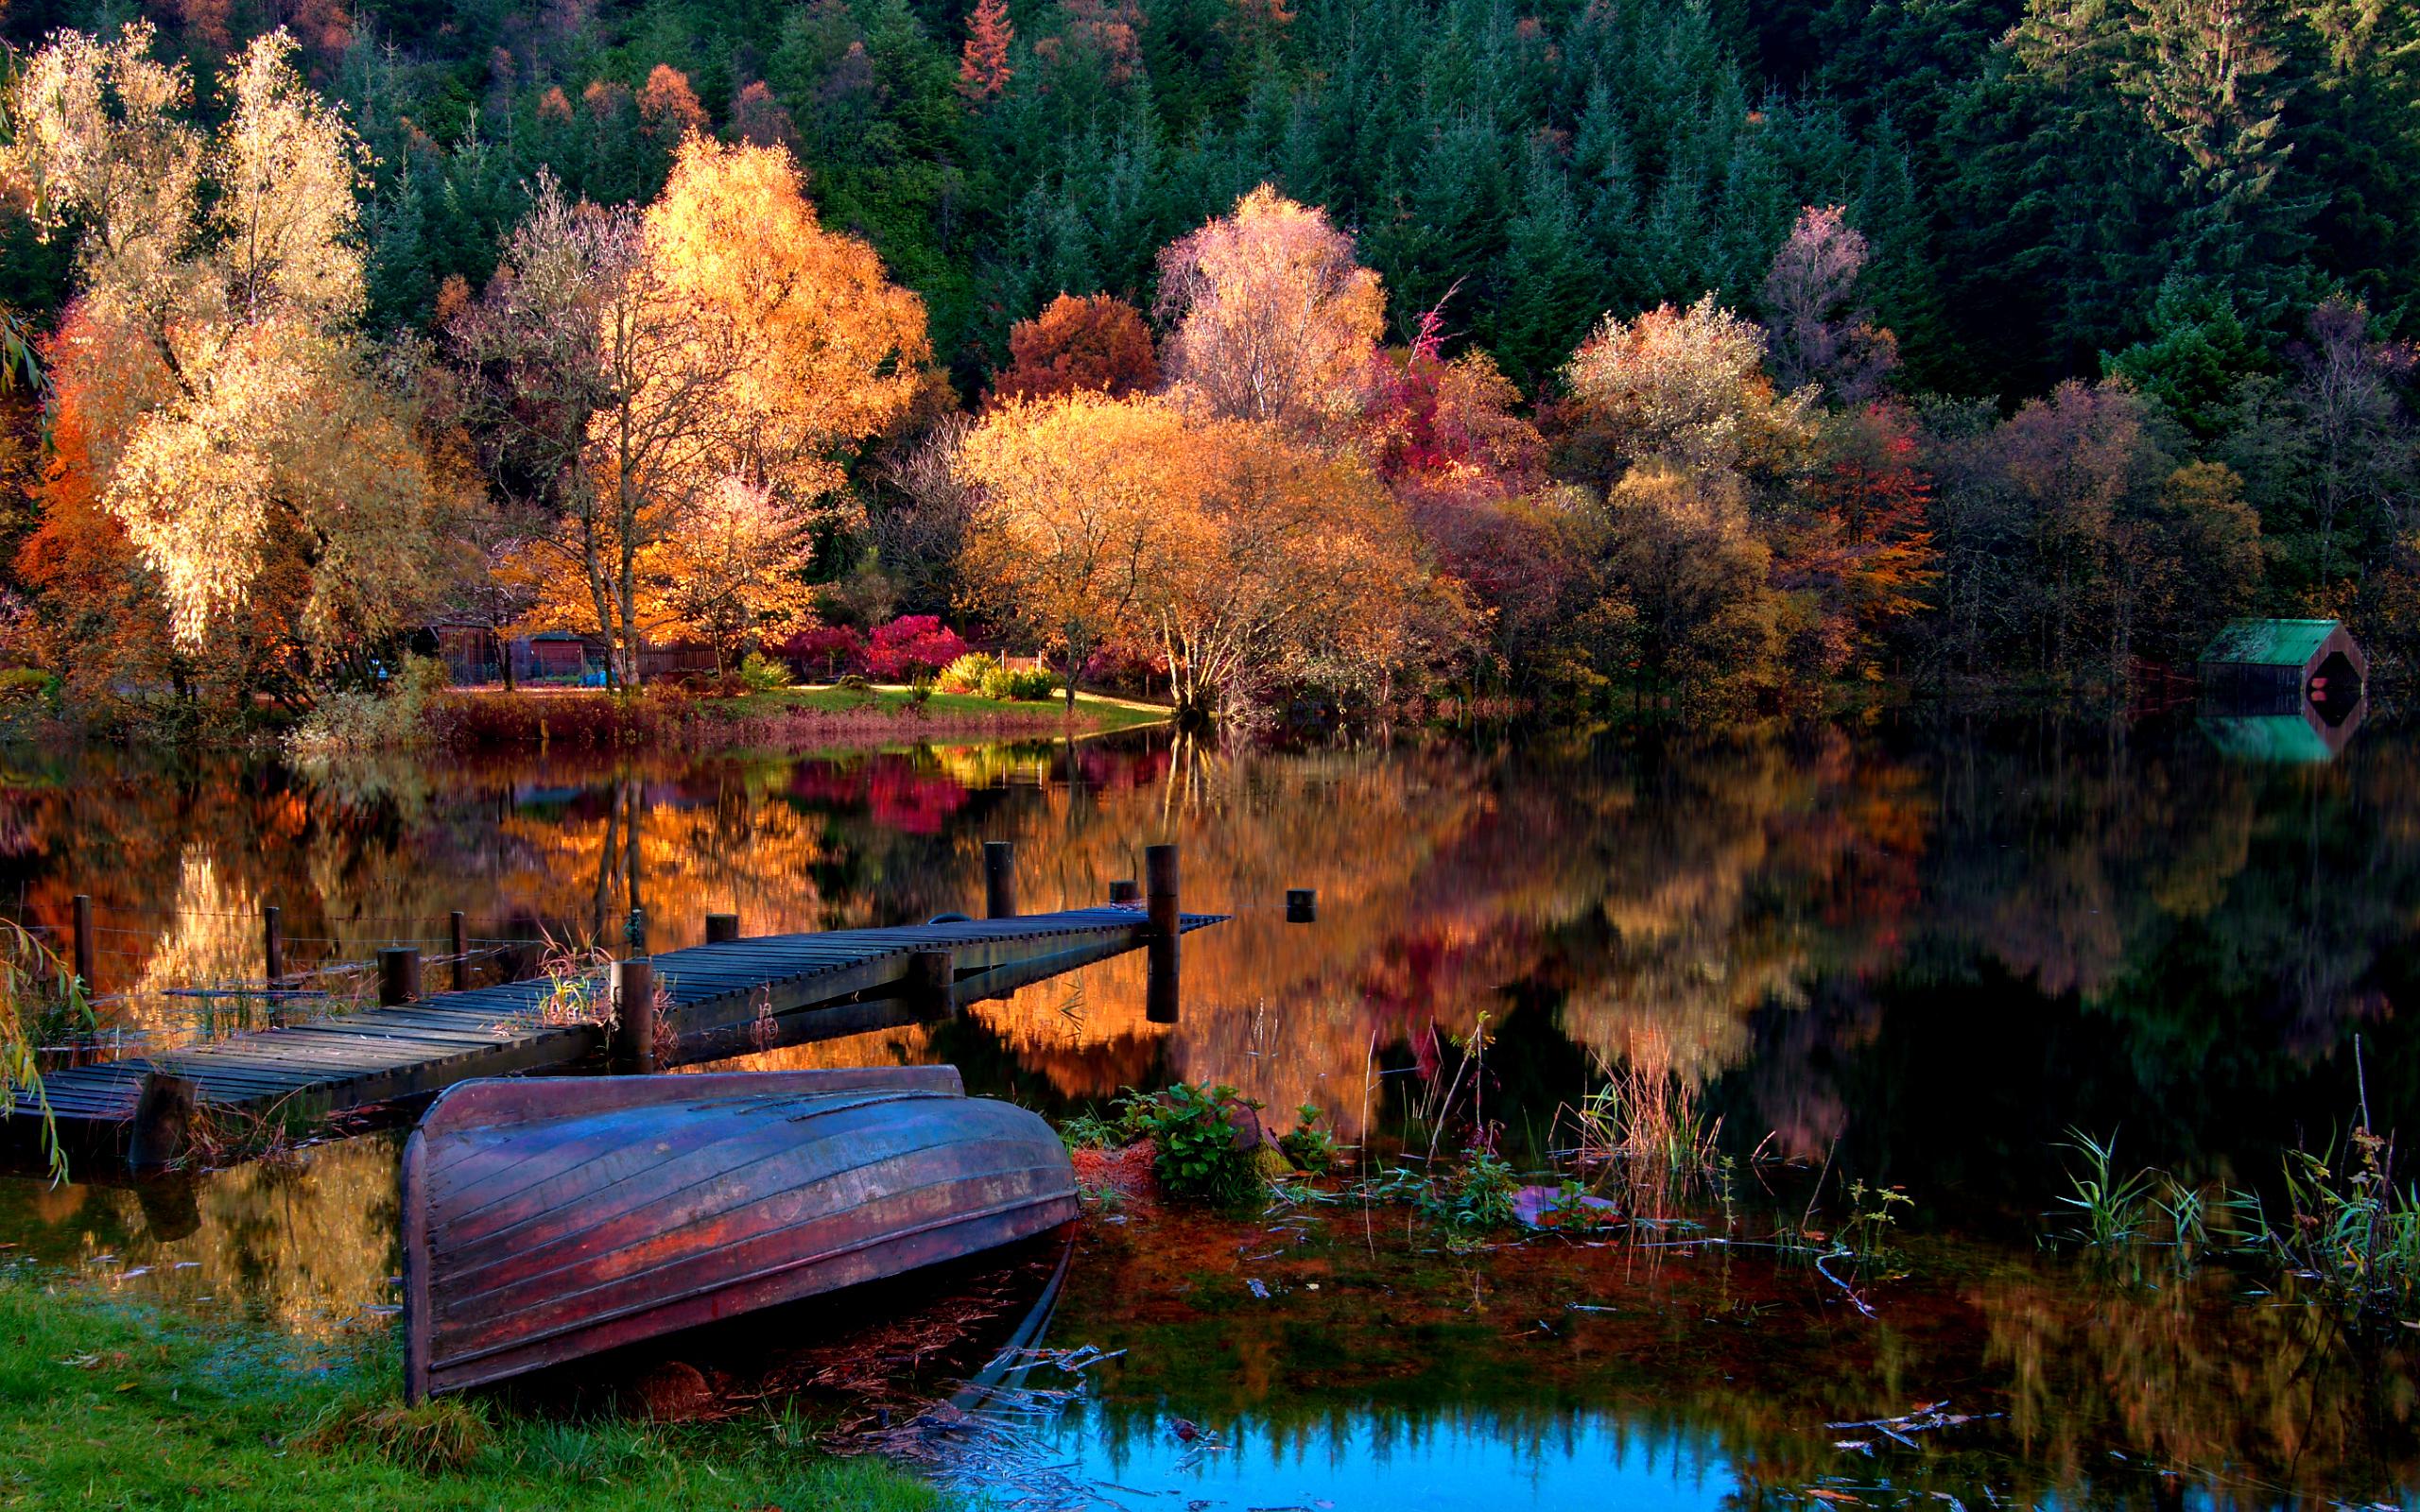 Картинки пейзажей природы высокого разрешения для рабочего стола заставки